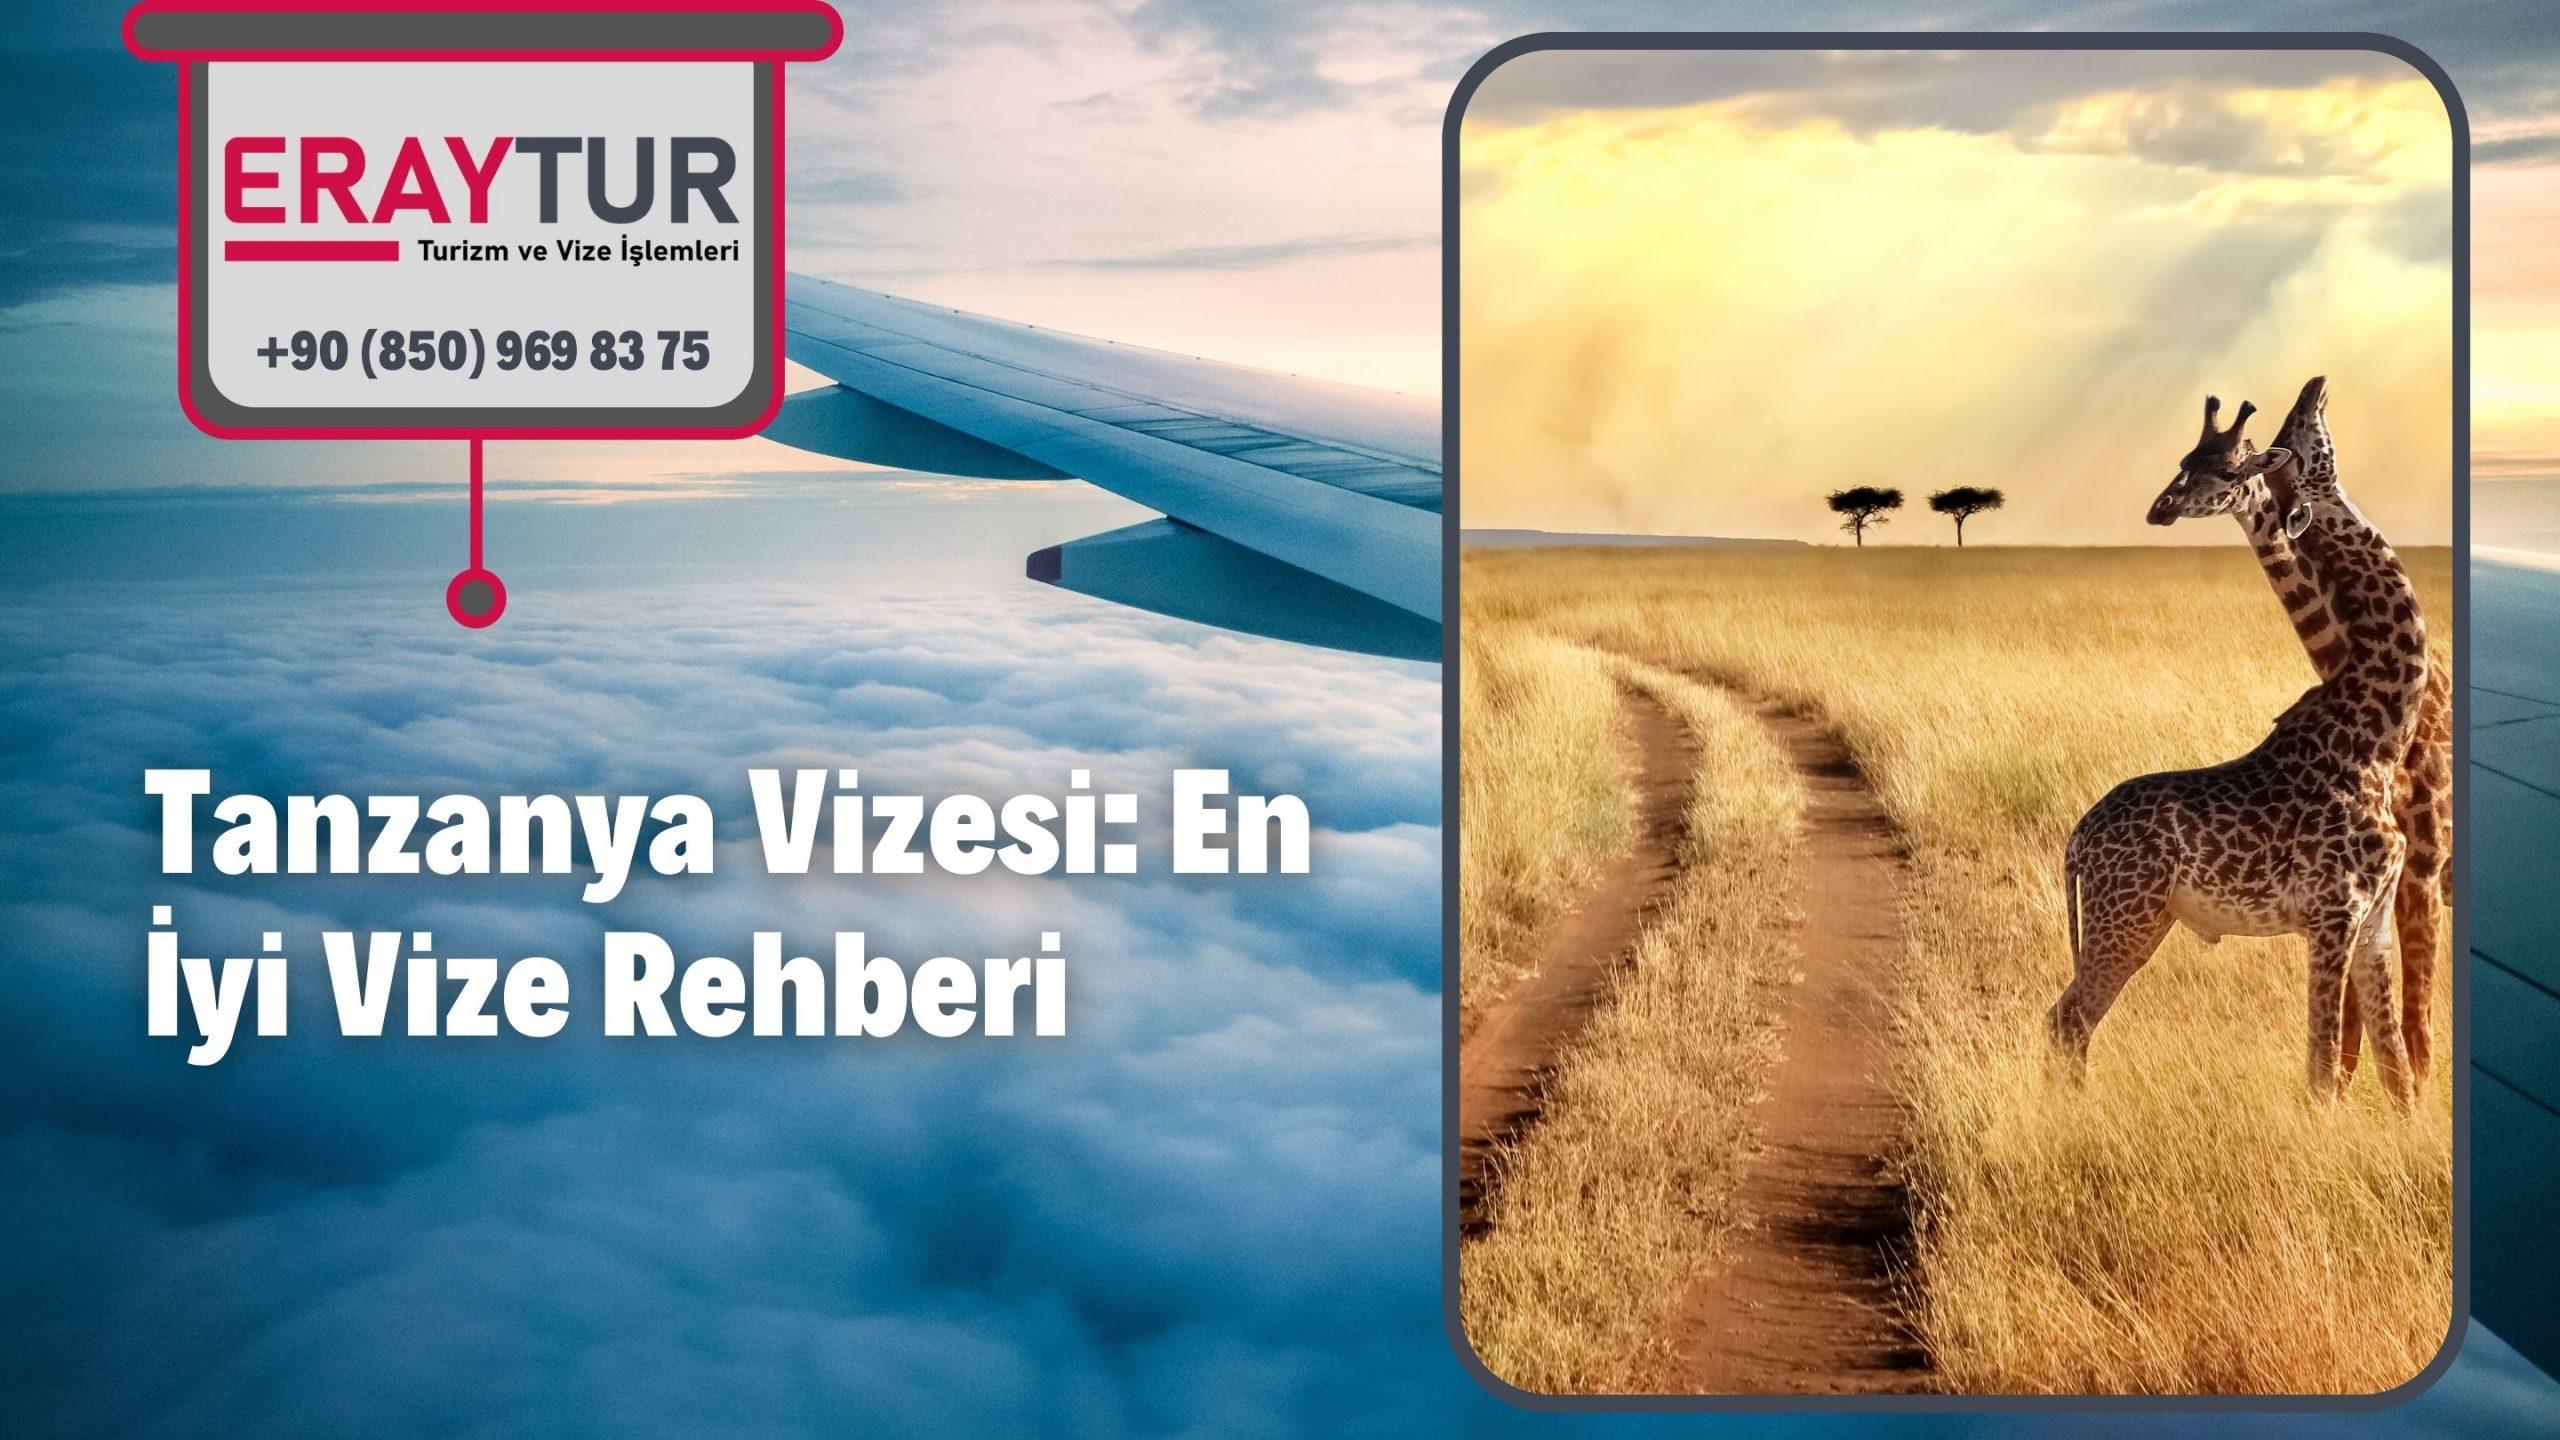 Tanzanya Vizesi: En İyi Vize Rehberi 2021